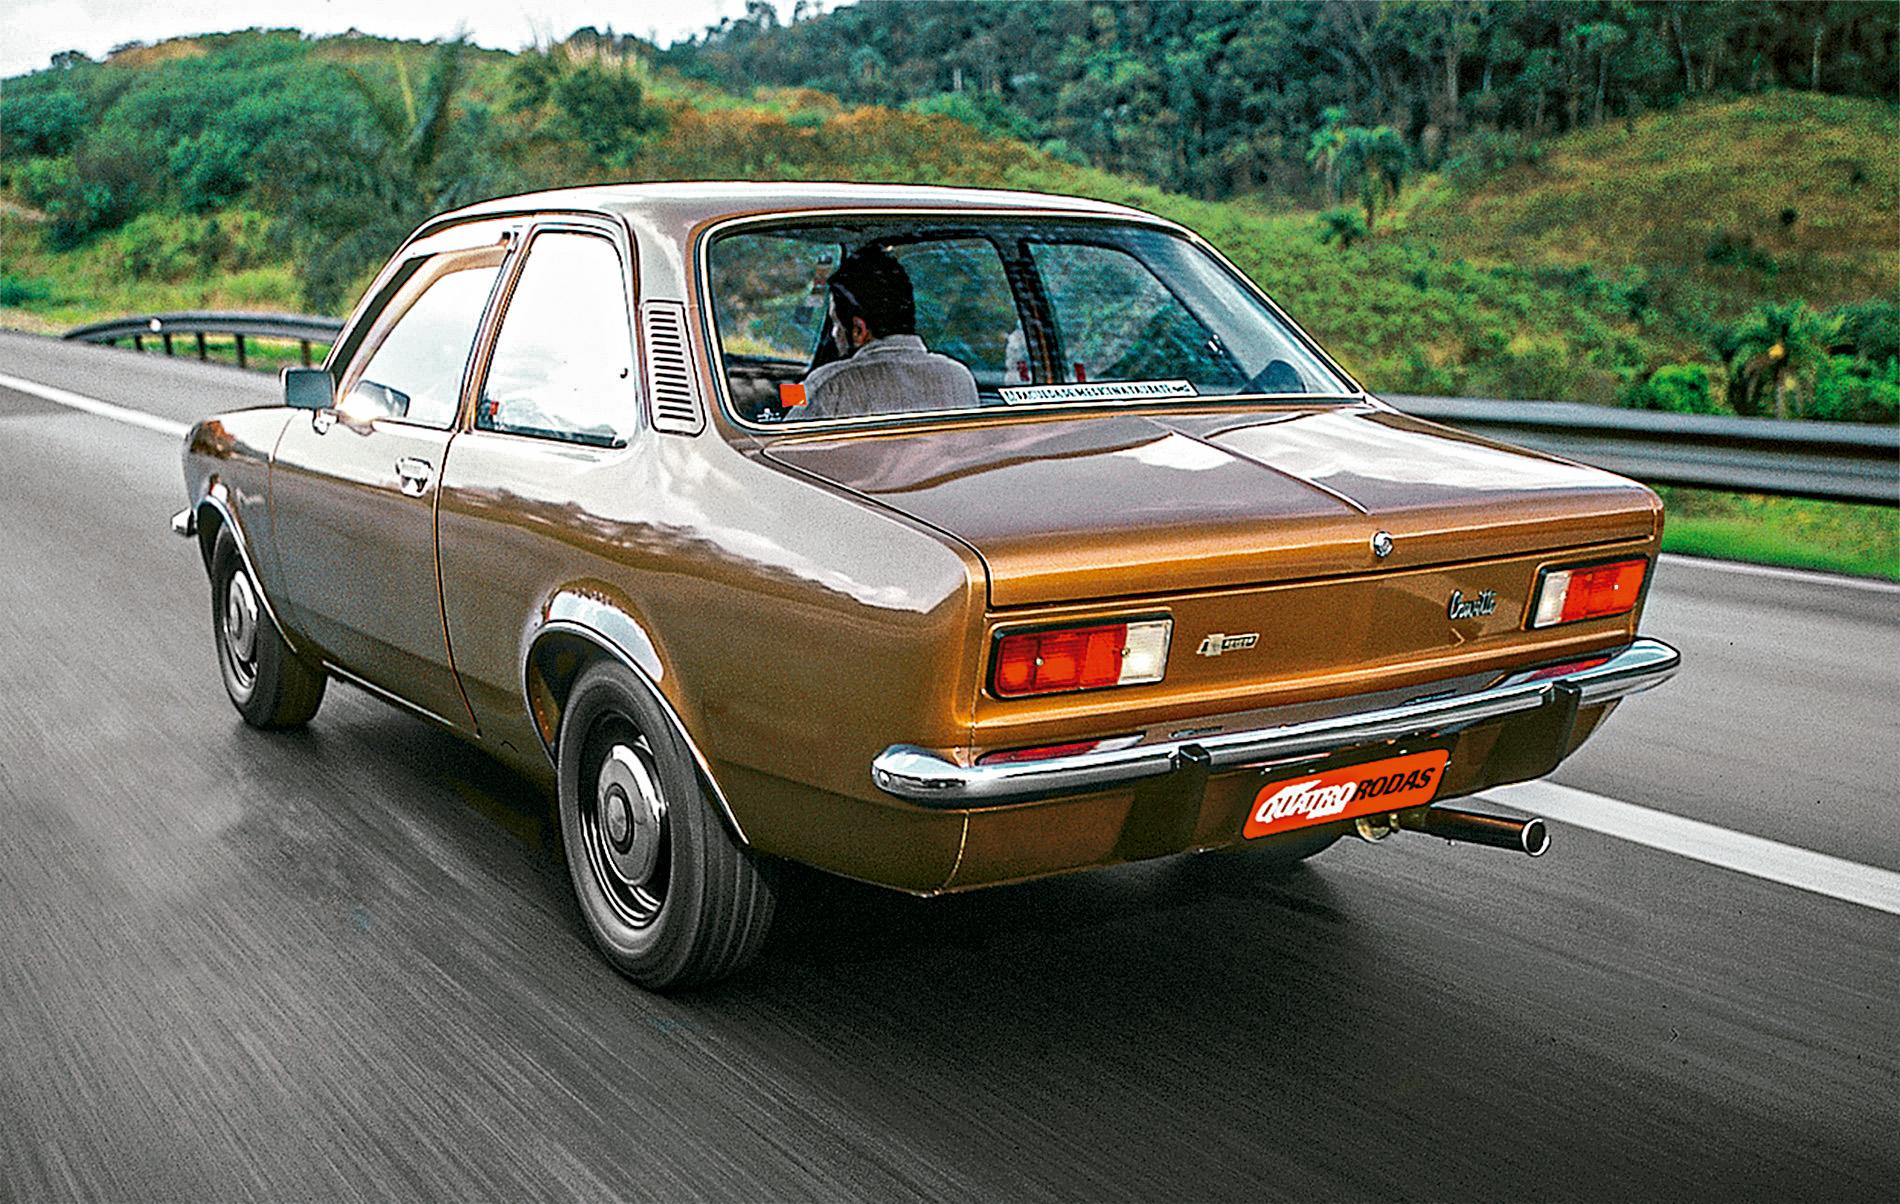 Chevette, da Chevrolet, automóvel testado pela Revista Quatro Rodas.